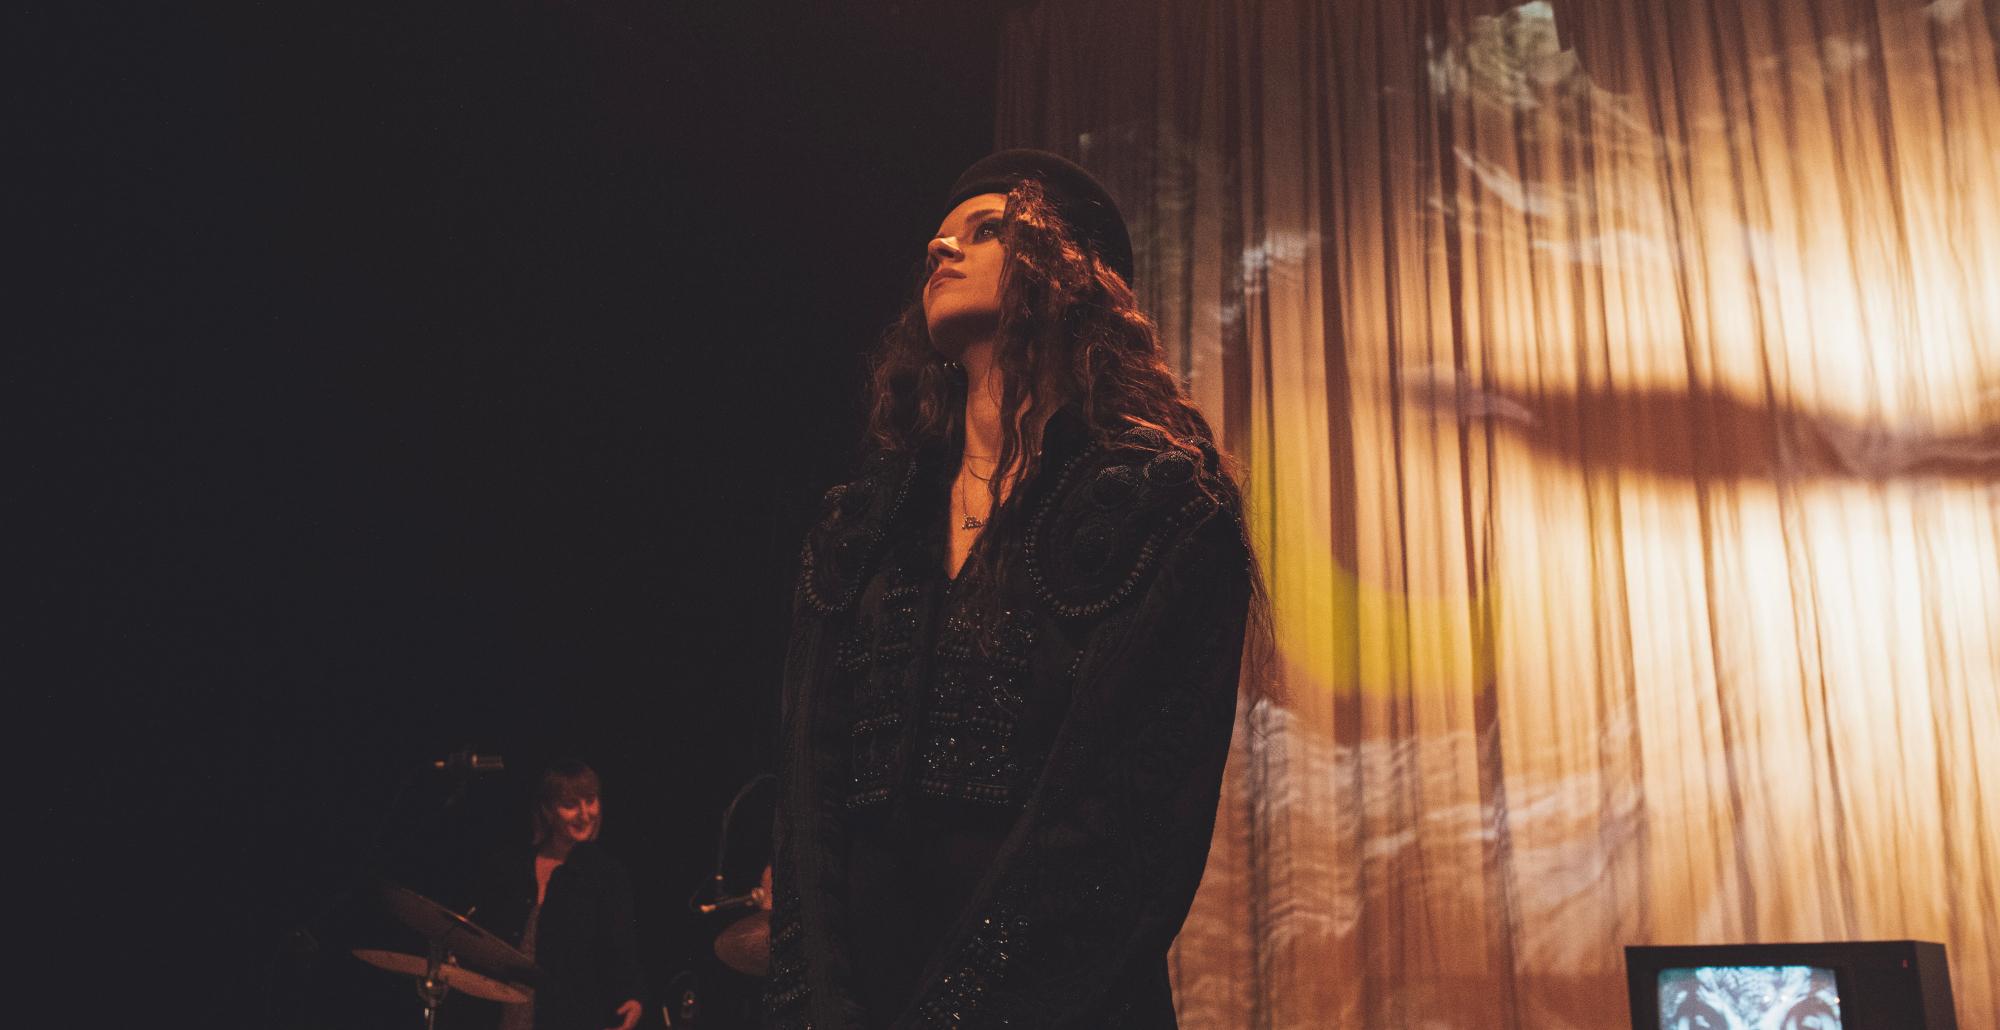 """Kasia Lins zaprasza na """"Czego dusza pragnie"""", wyjątkowy koncert premierowy albumu """"Moja Wina"""""""